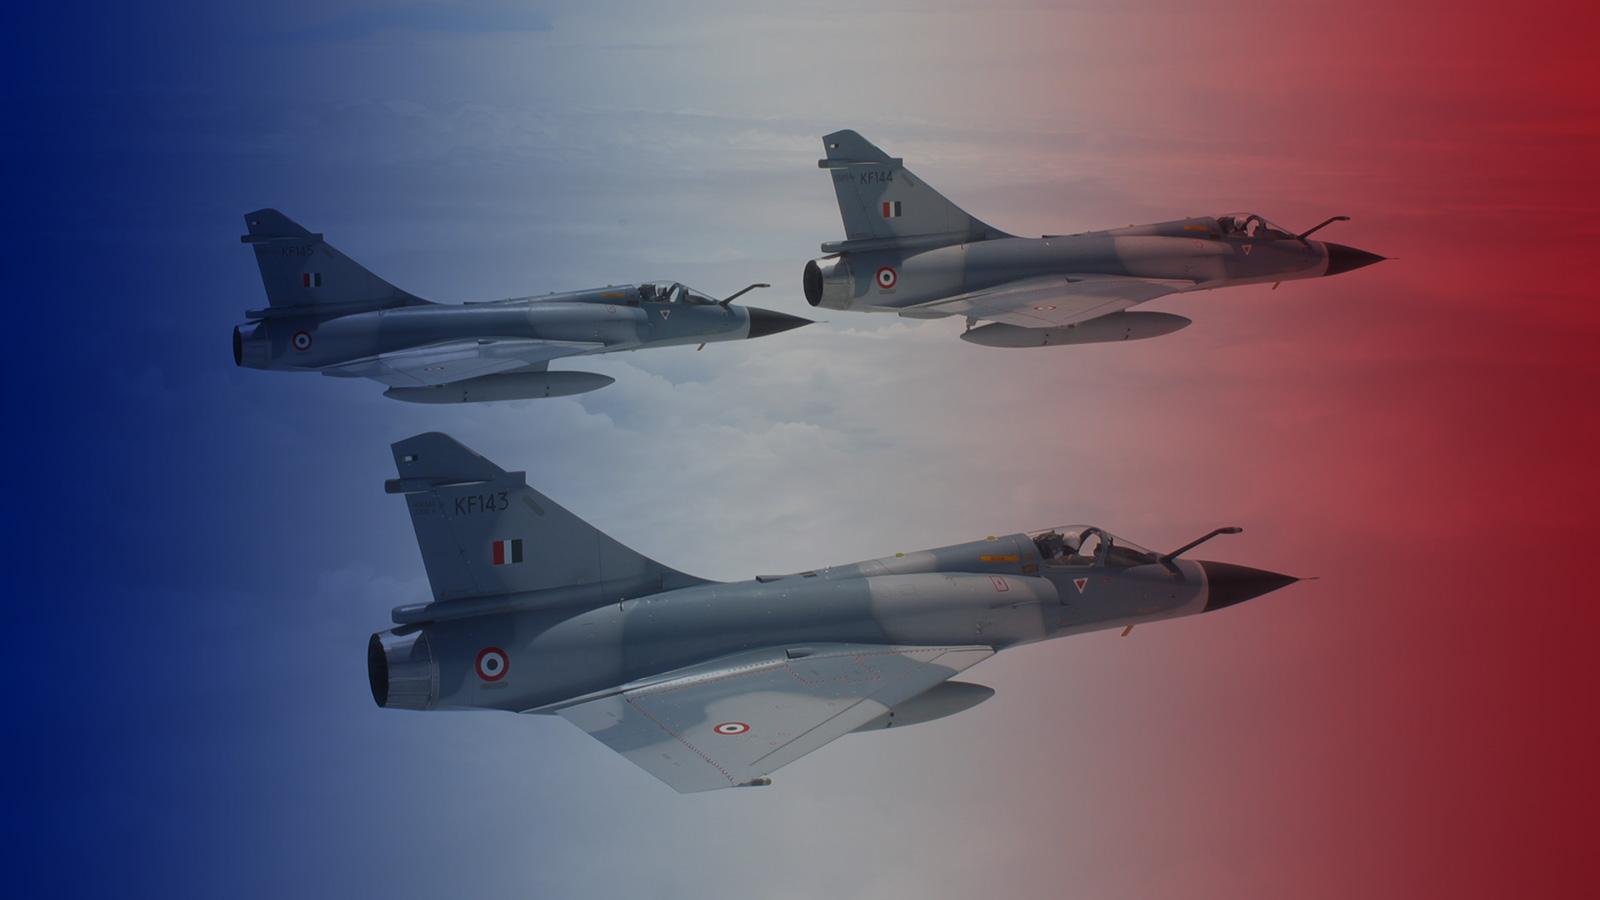 Quelles sont les armes que vend la France et à qui?